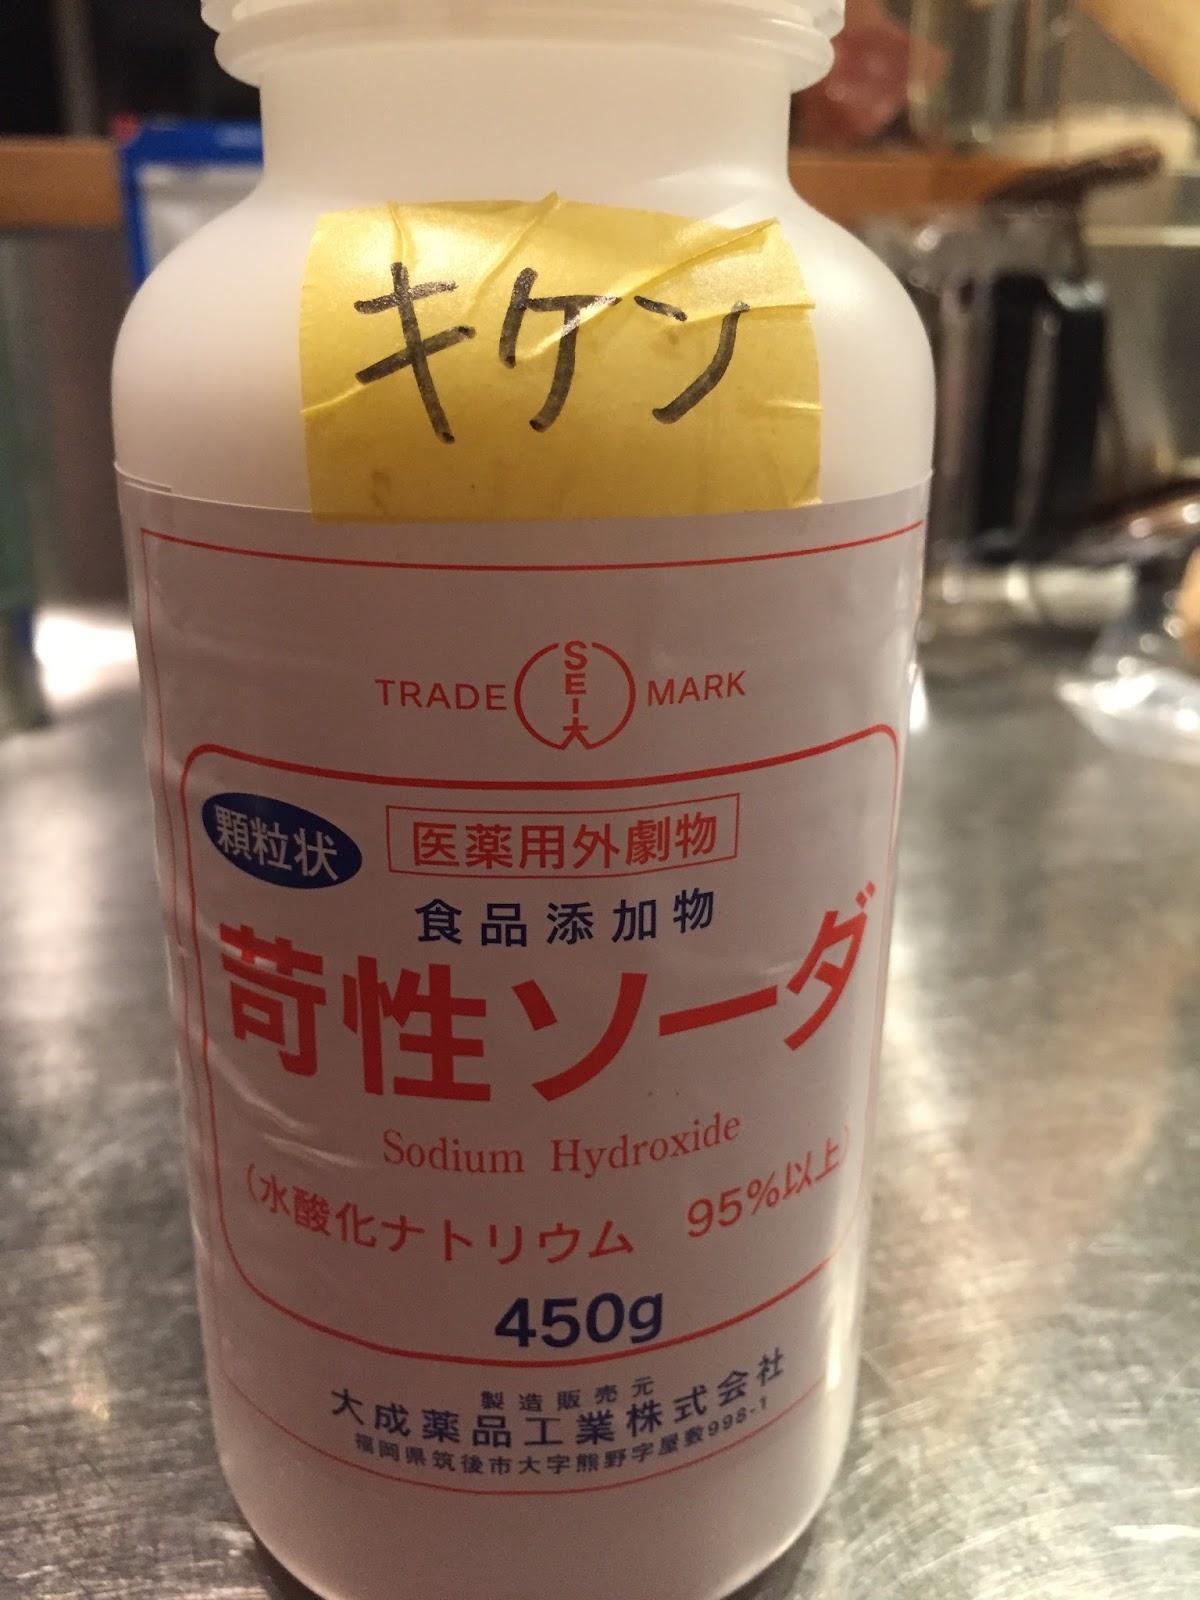 水 酸化 ナトリウム 販売